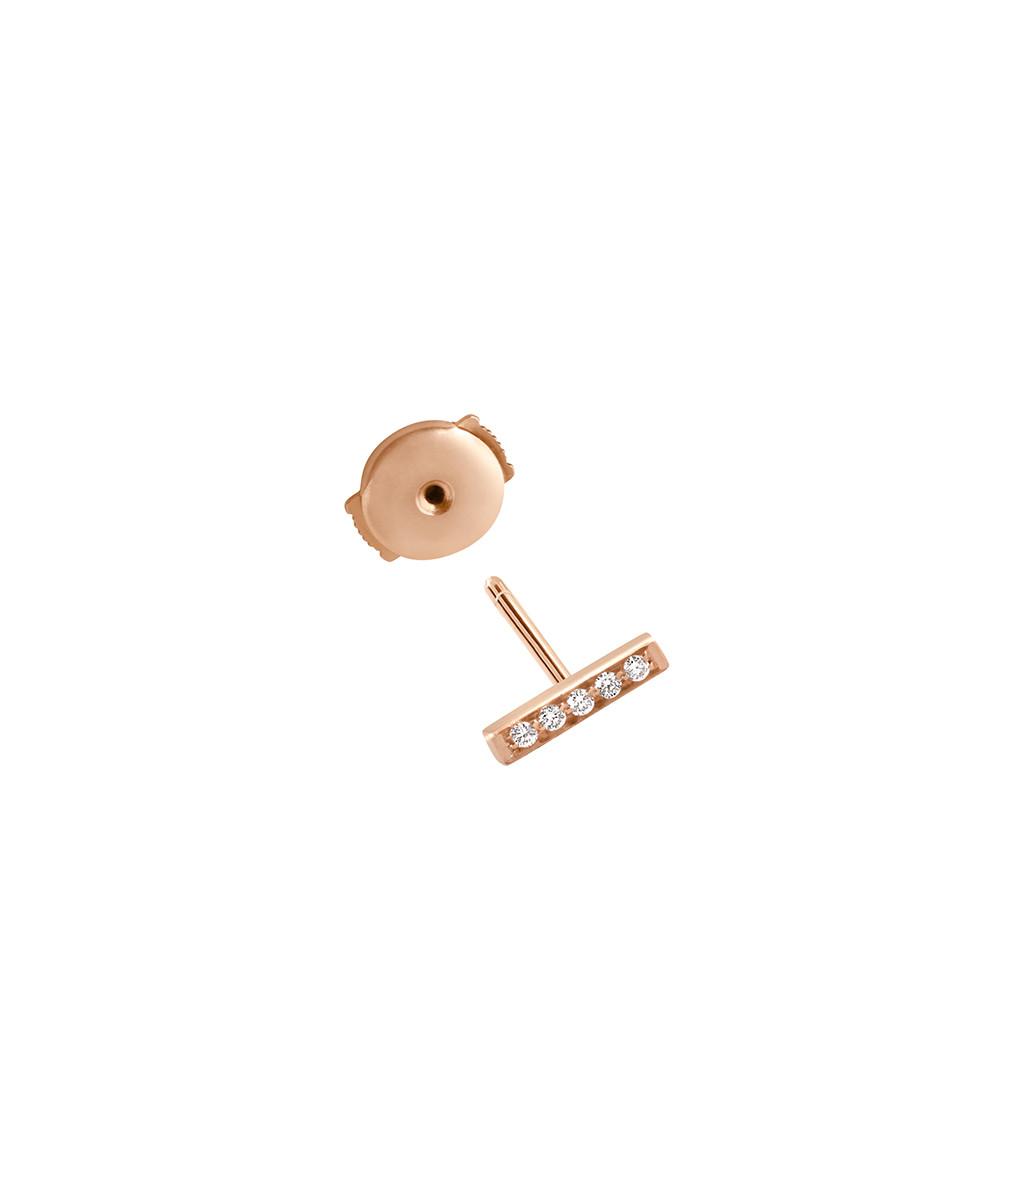 VANRYCKE - Boucle d'oreille Medellin PM Or Rose Diamants (vendue à l'unité)